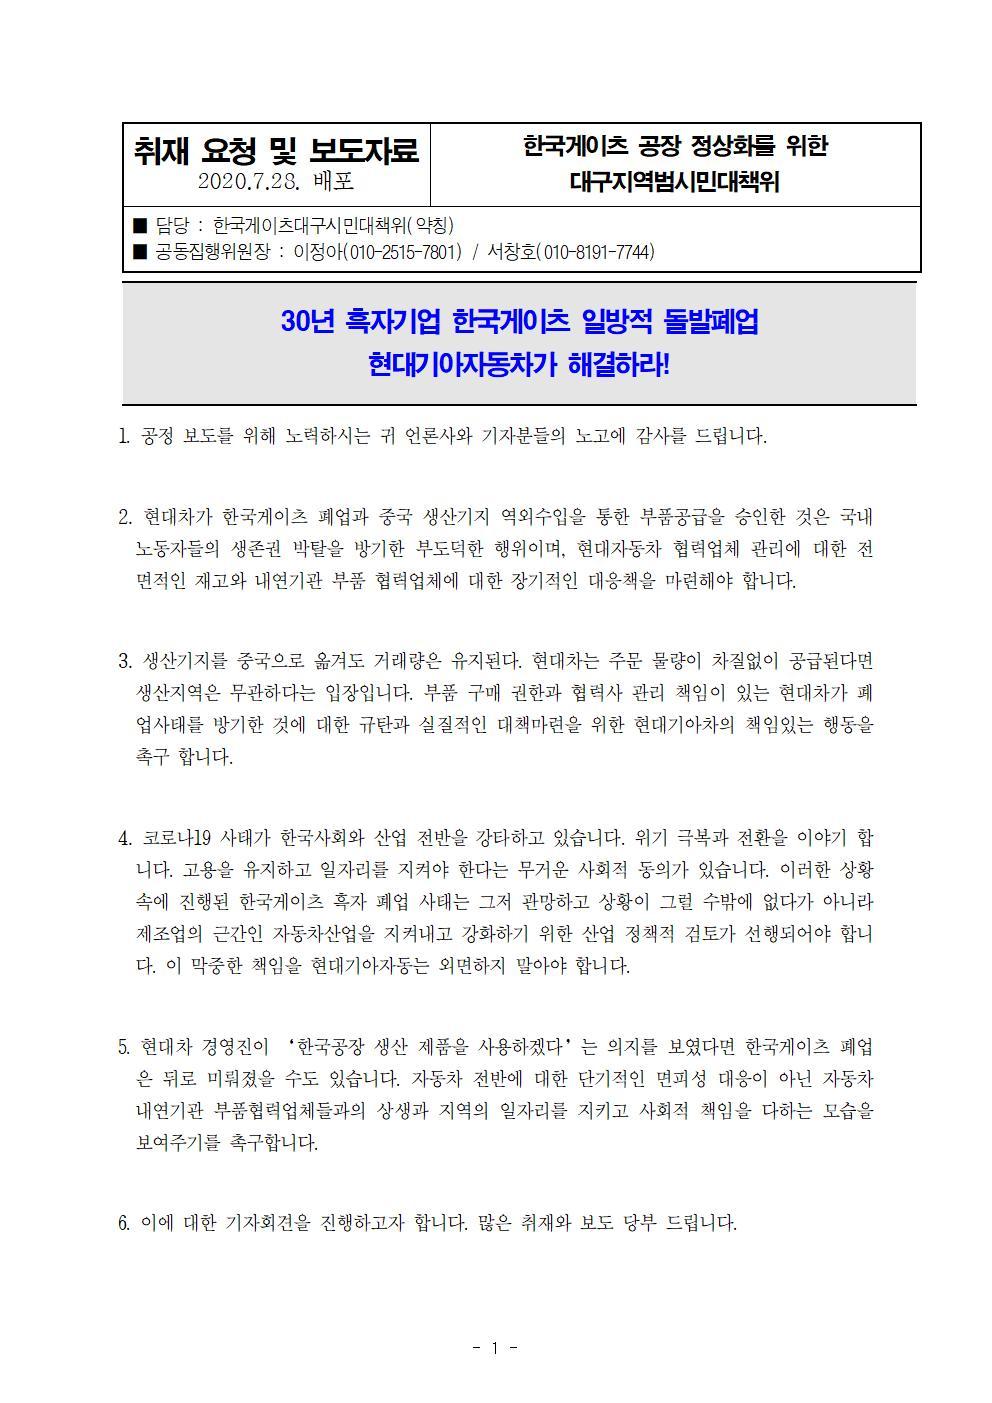 0729 한국게이츠 돌발폐업 현대기아자동차가 해결하라 기자회견001.jpg